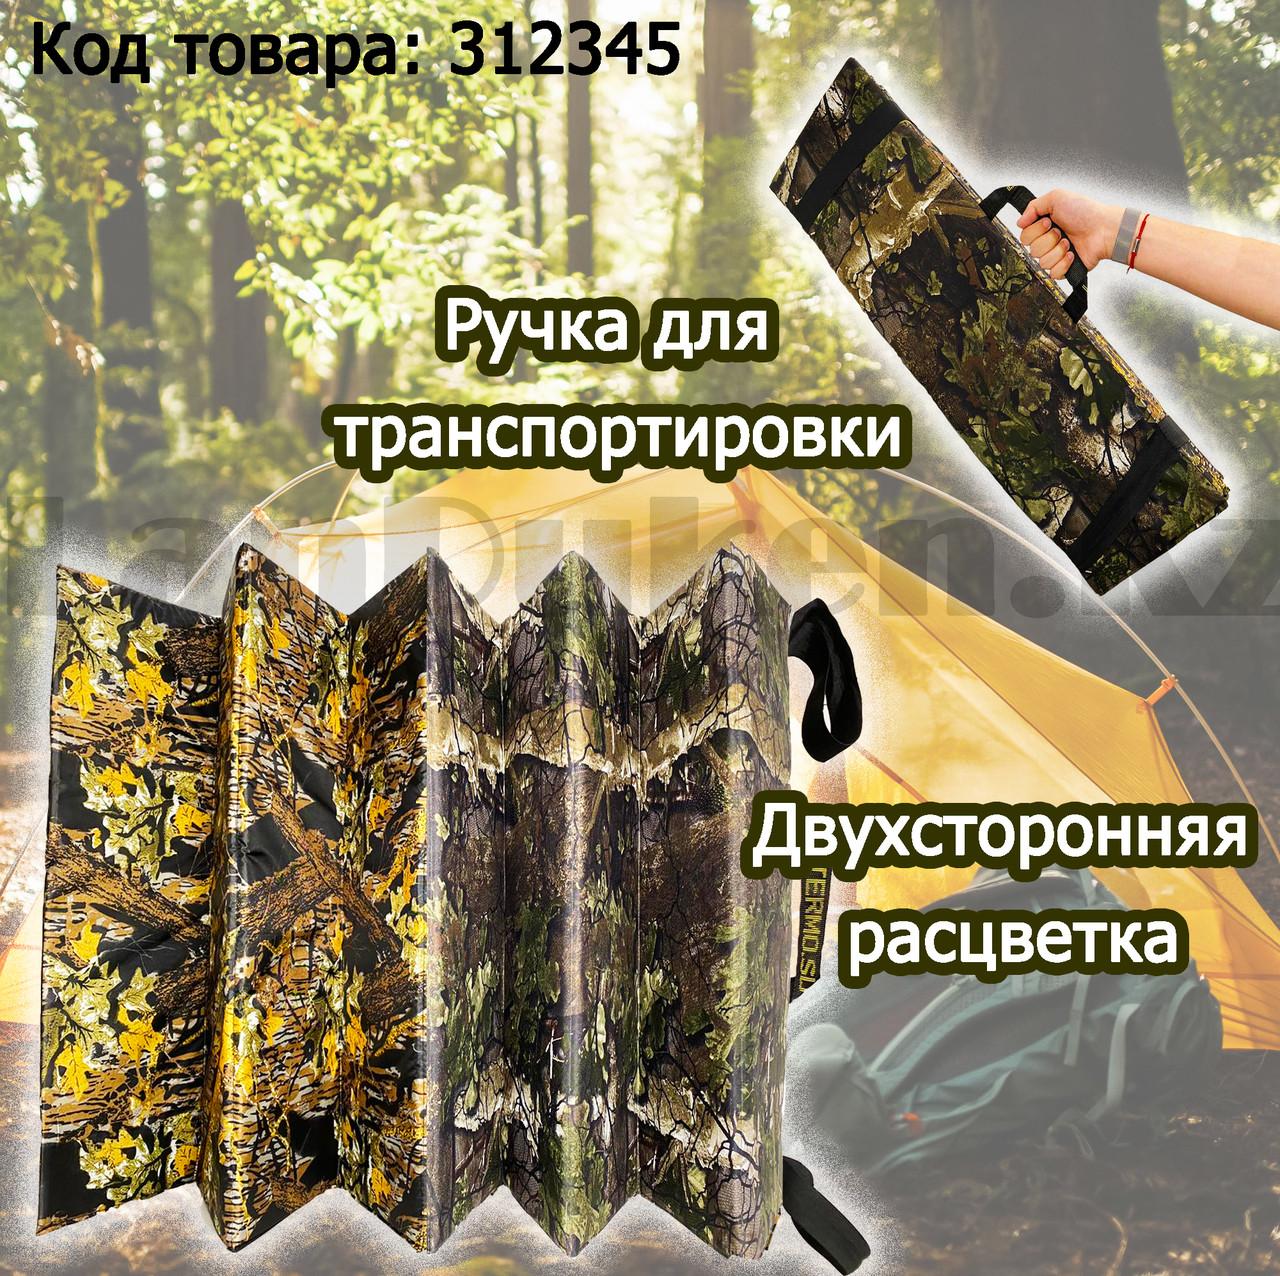 Каремат туристический складной в двухсторонней расцветке на резинках 80*200 см - фото 1